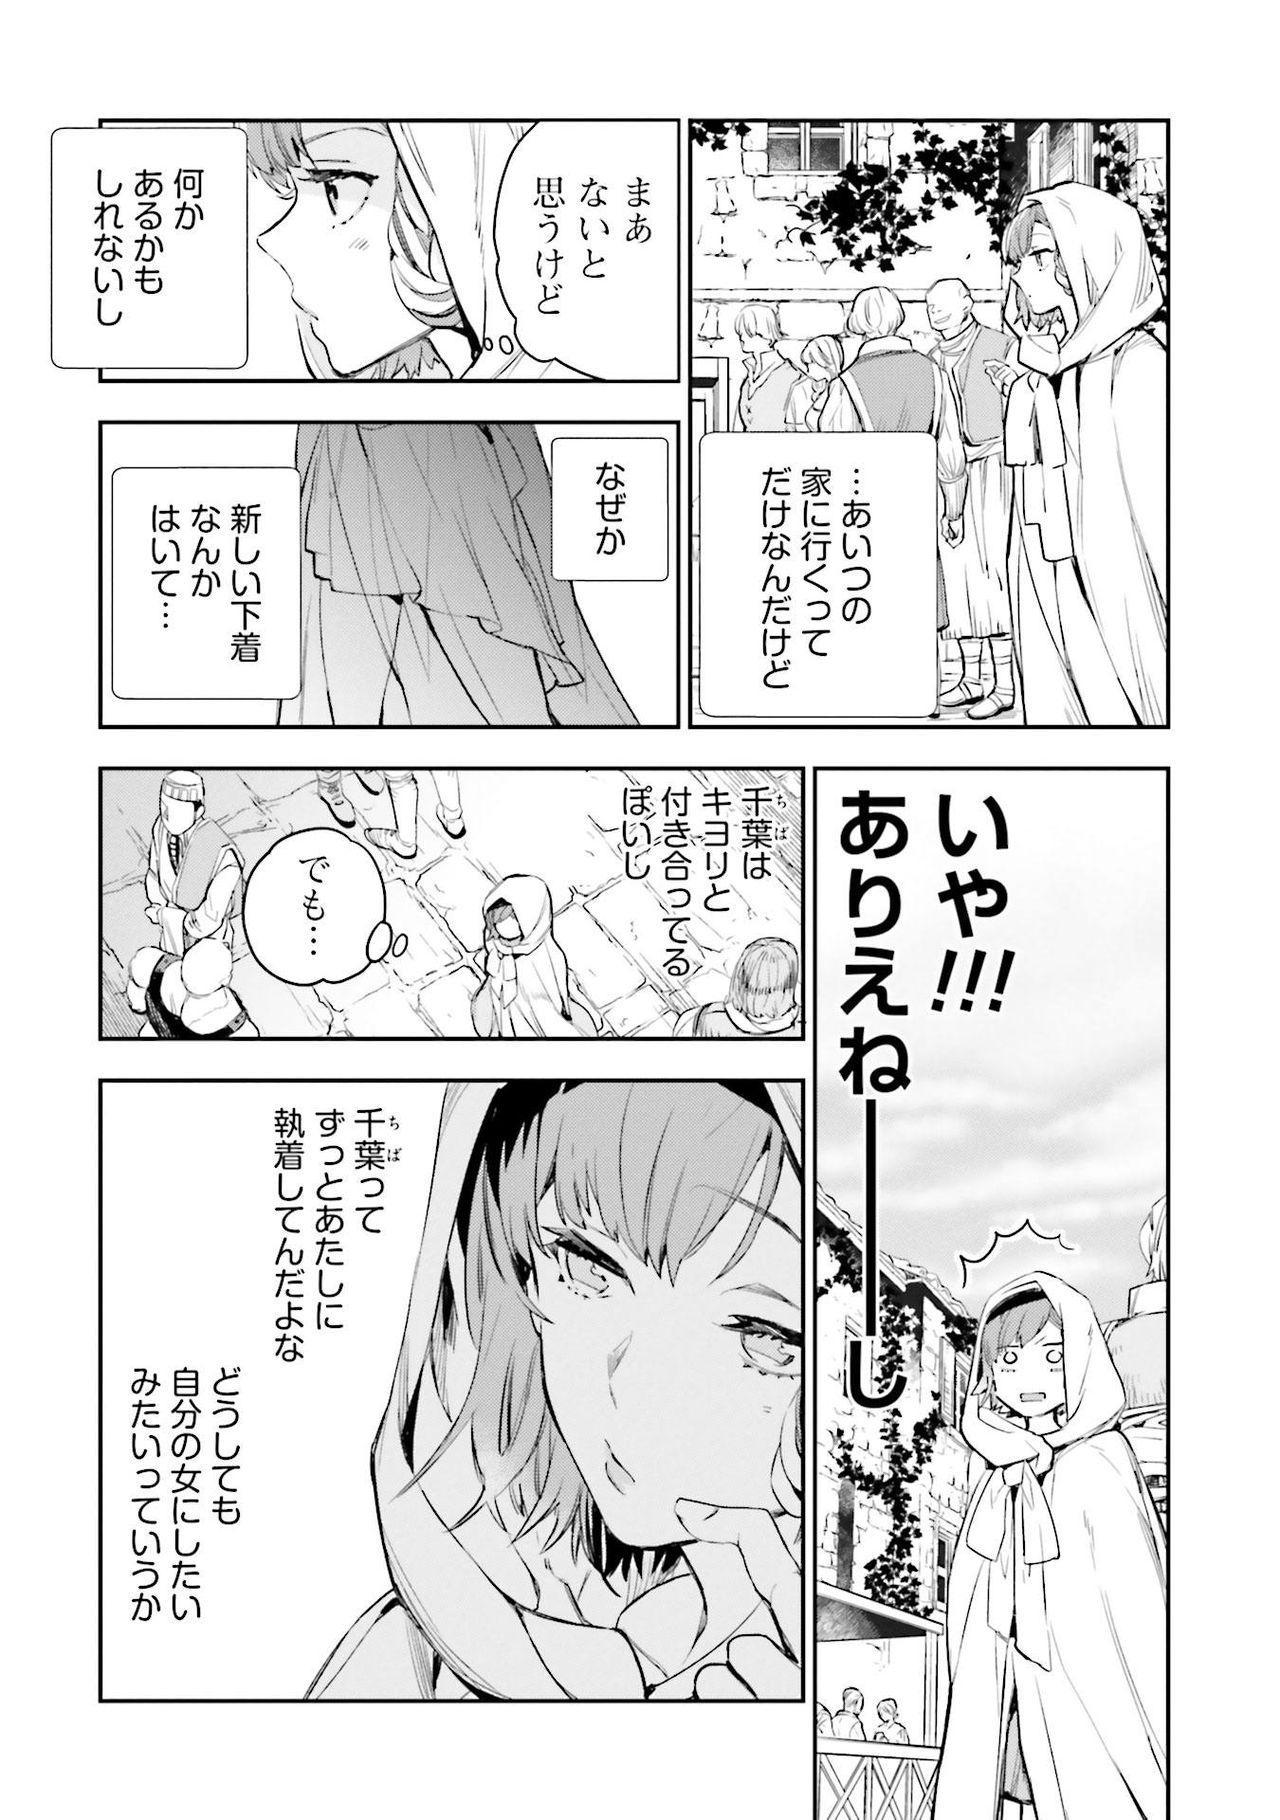 JK Haru wa Isekai de Shoufu ni Natta 1-14 328